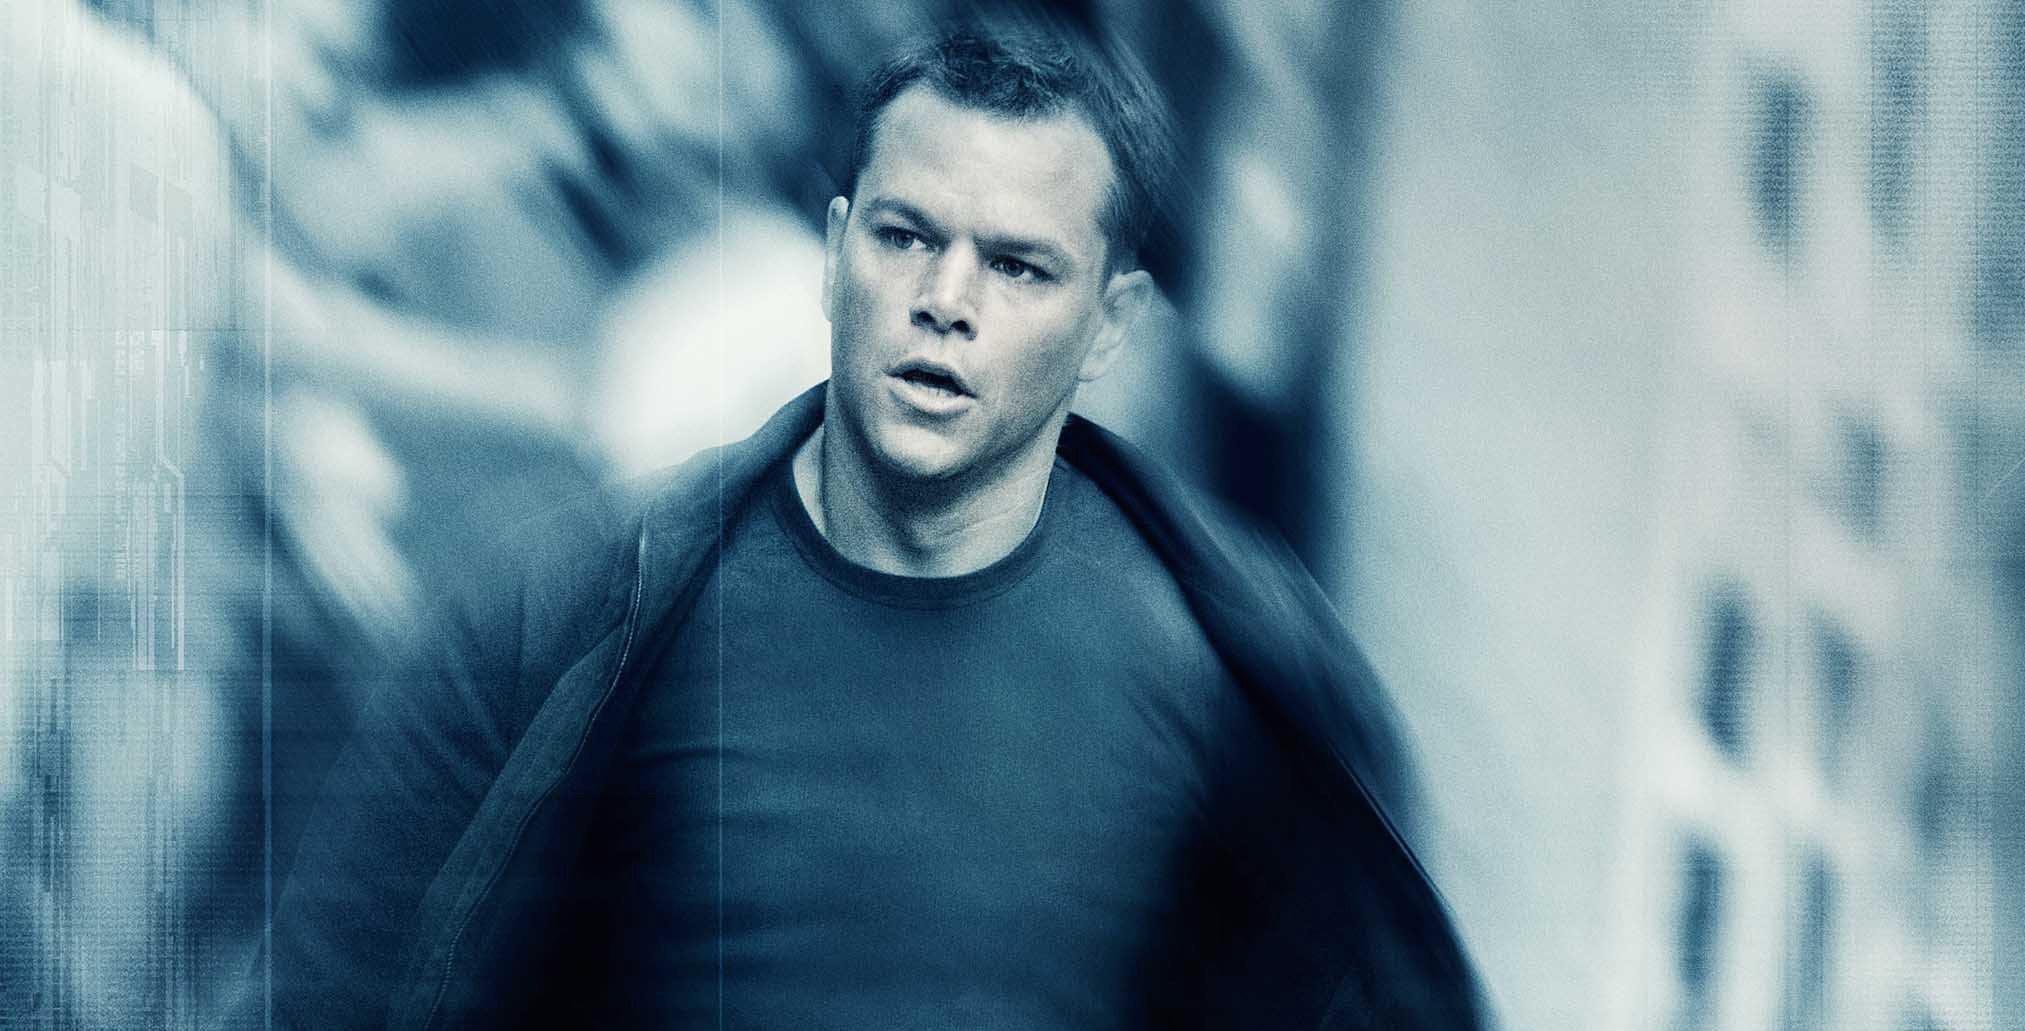 Untitled Jeremy Renner/Bourne Sequel High